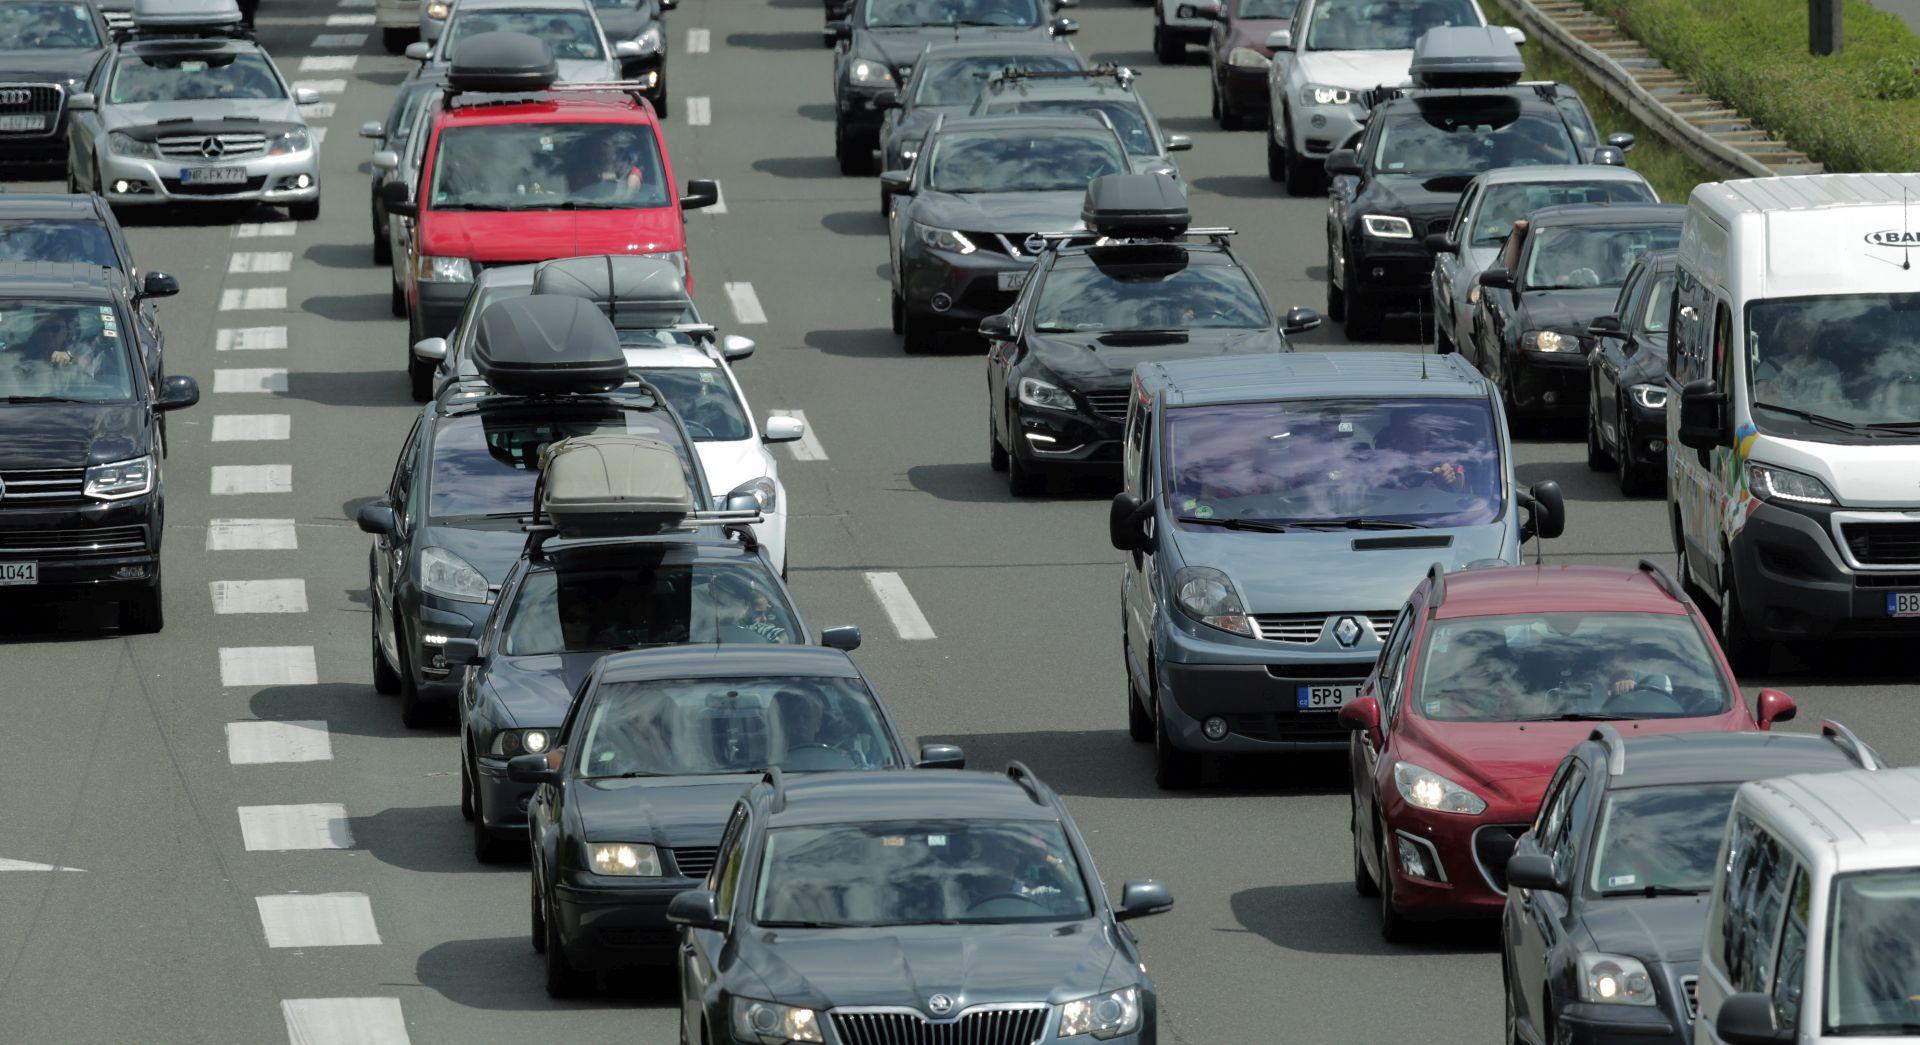 HAK: Zbog vjetra na djelu Jadranske magistrale zatvoren promet za prvu skupinu vozila